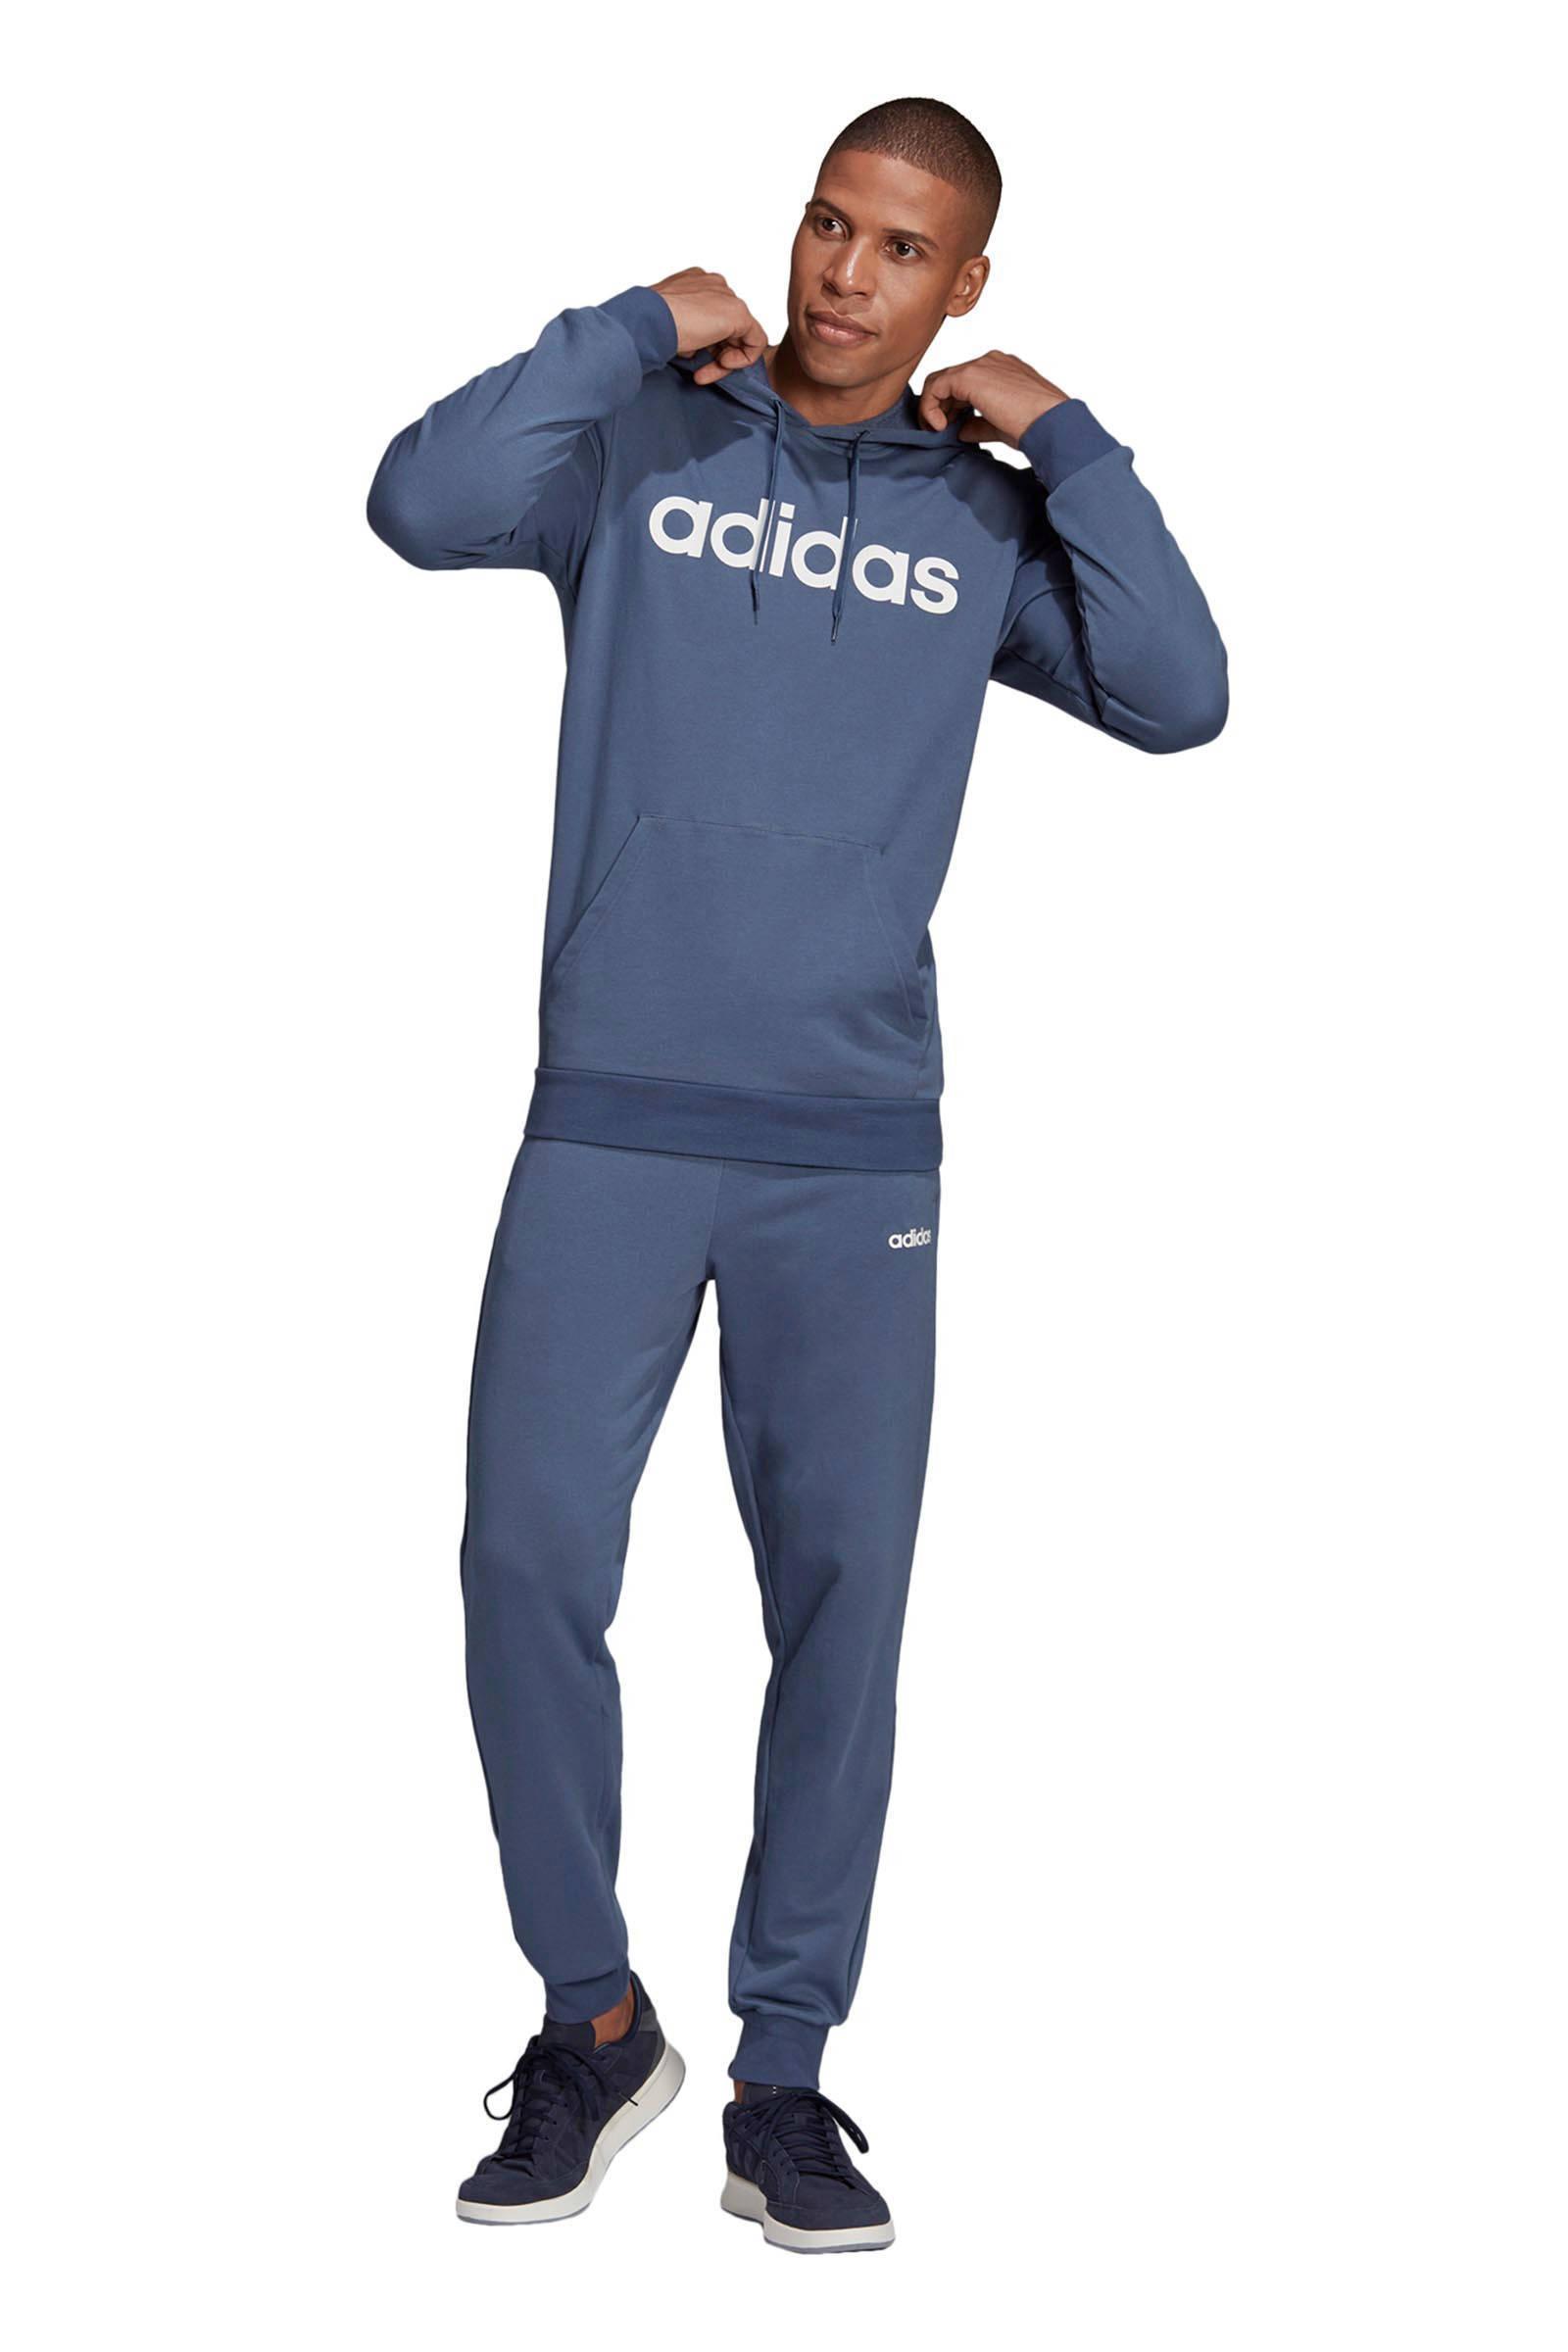 adidas Performance Trainingspak Grijs/donkerblauw in het Blauw voor heren